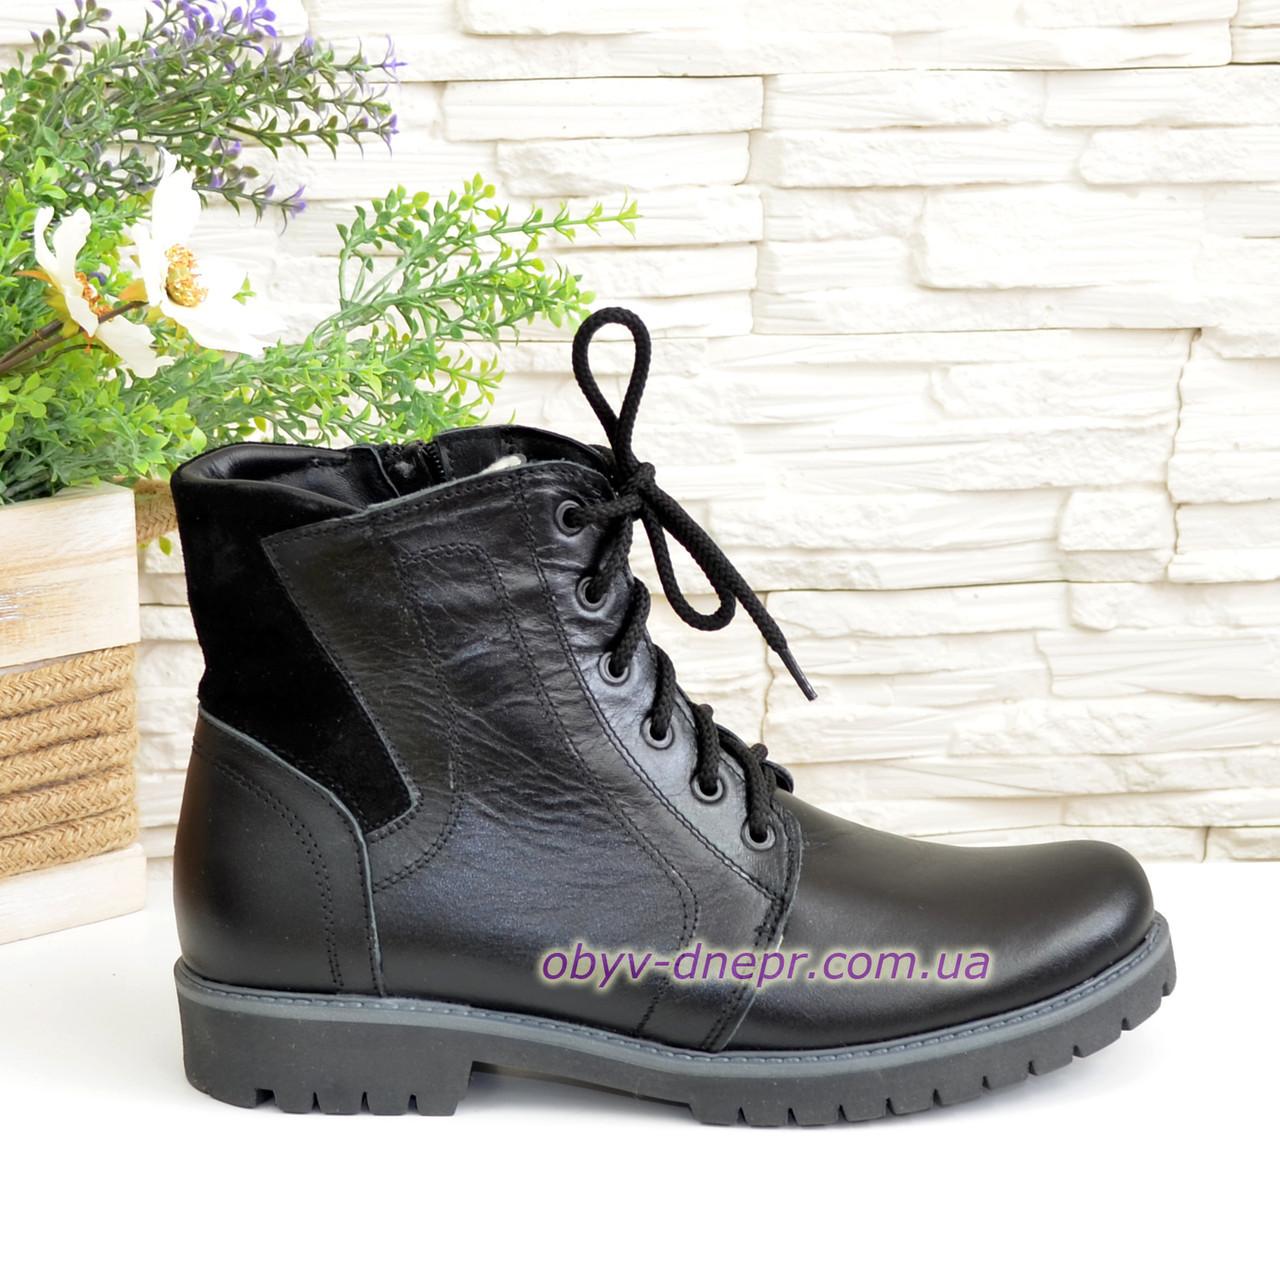 Женские демисезонные ботинки на шнуровке, натуральная кожа и замша